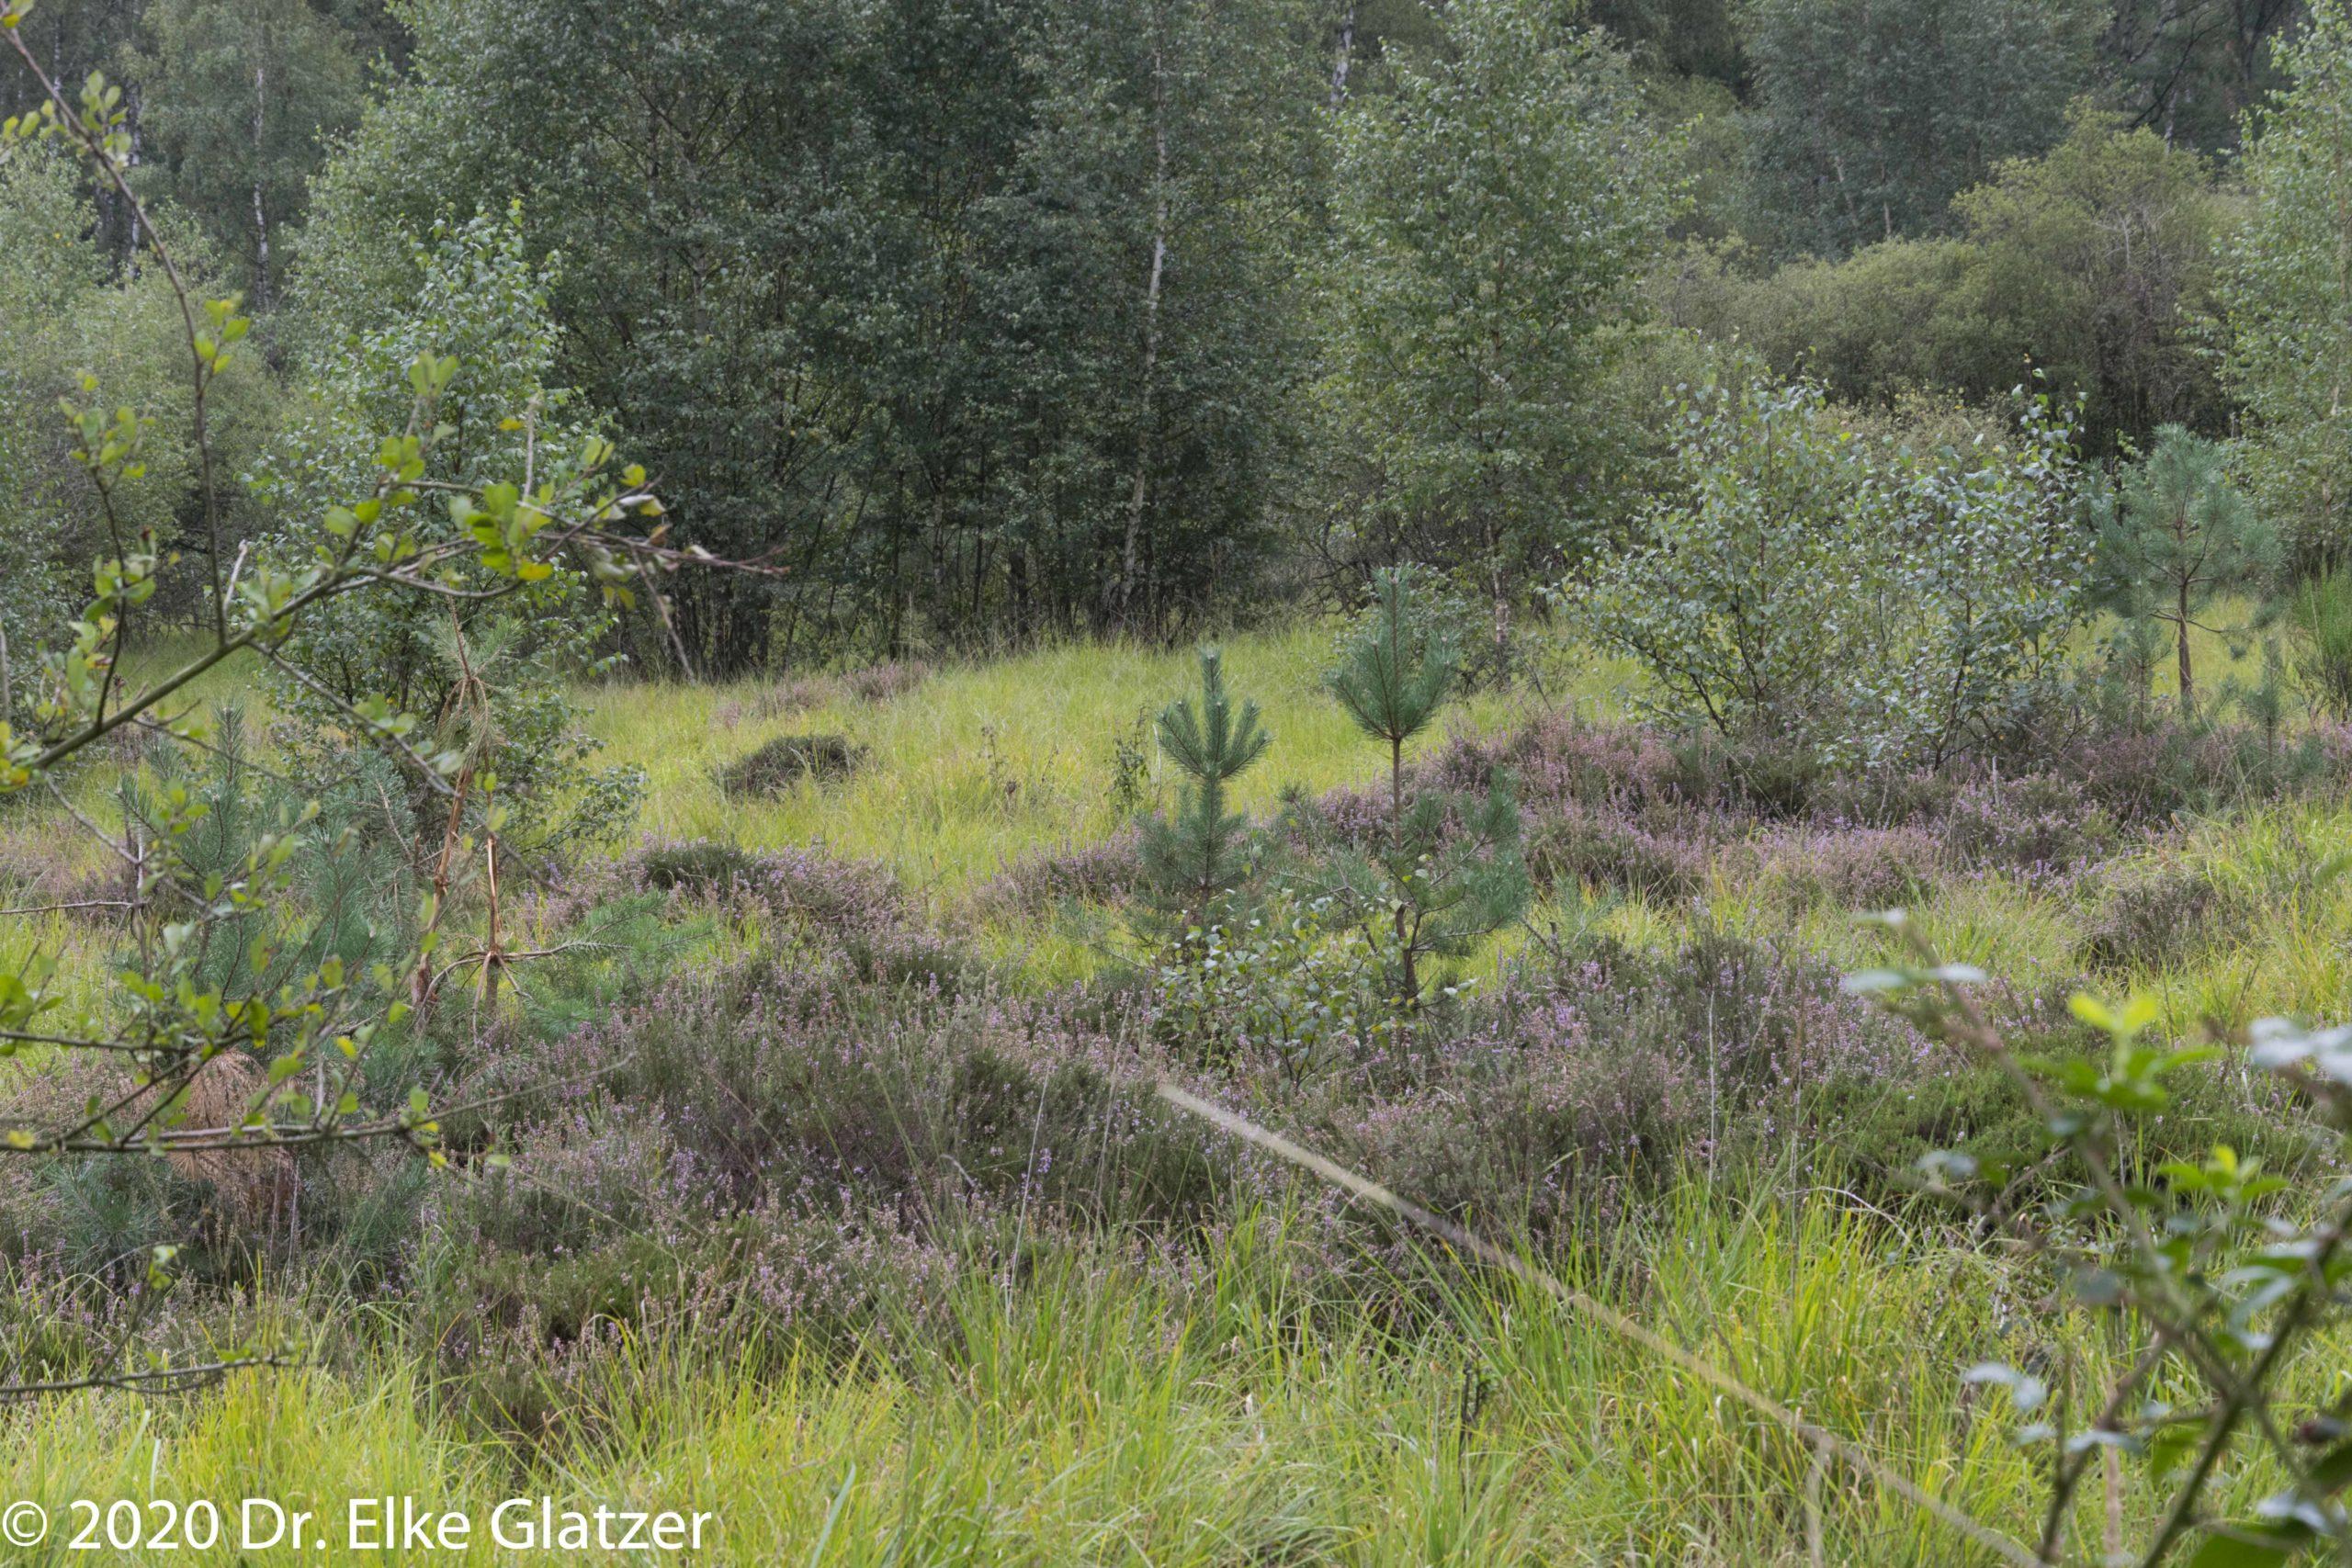 violettes Heidekraut blüht zwischen jungen Kiefern und Birken